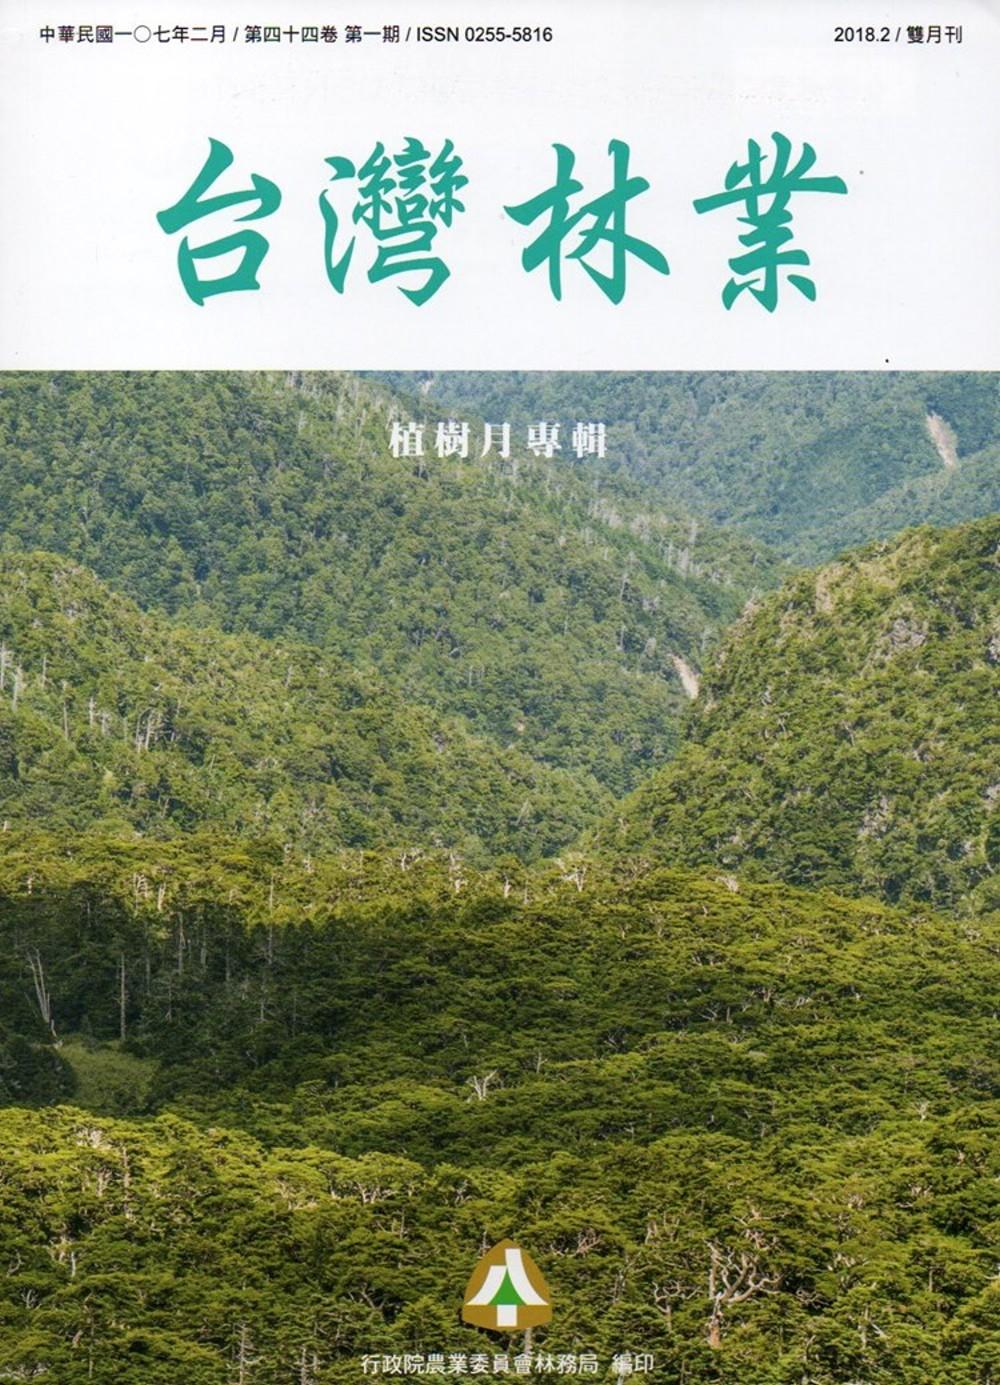 台灣林業44卷1期(2018.02)